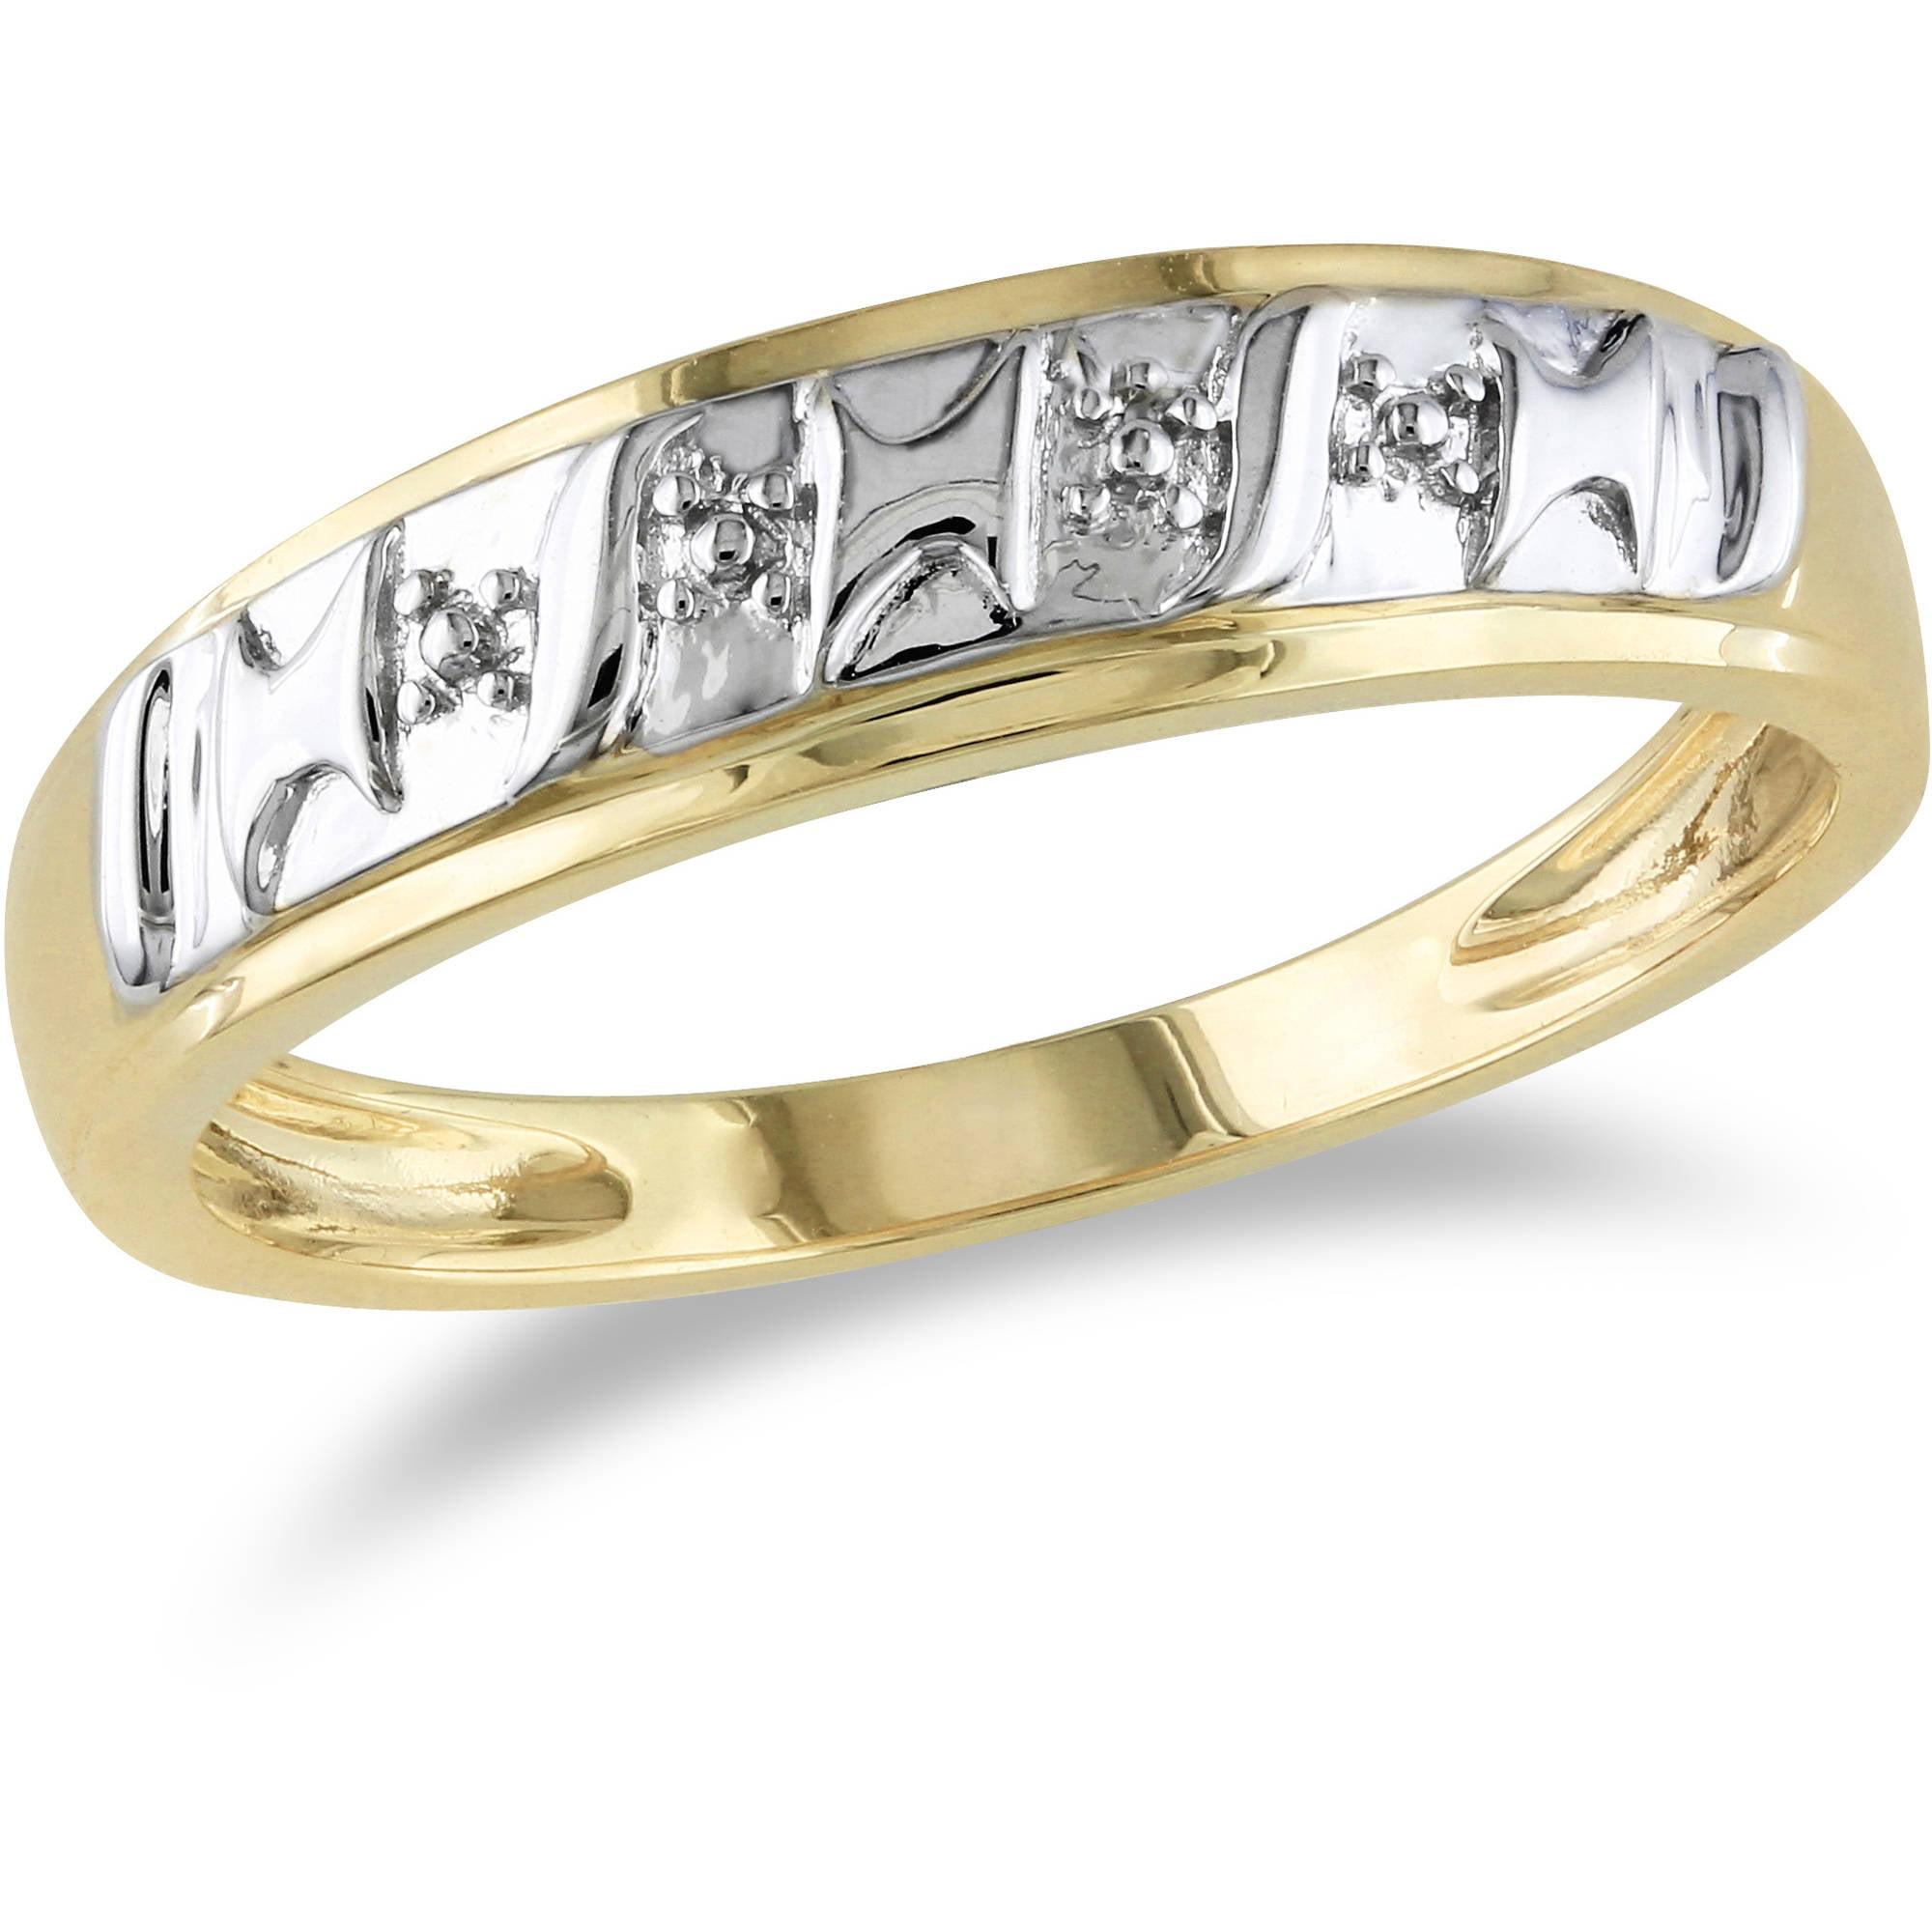 Miabella Men's 10kt Two-Tone Gold Diamond Illusion Wedding Band